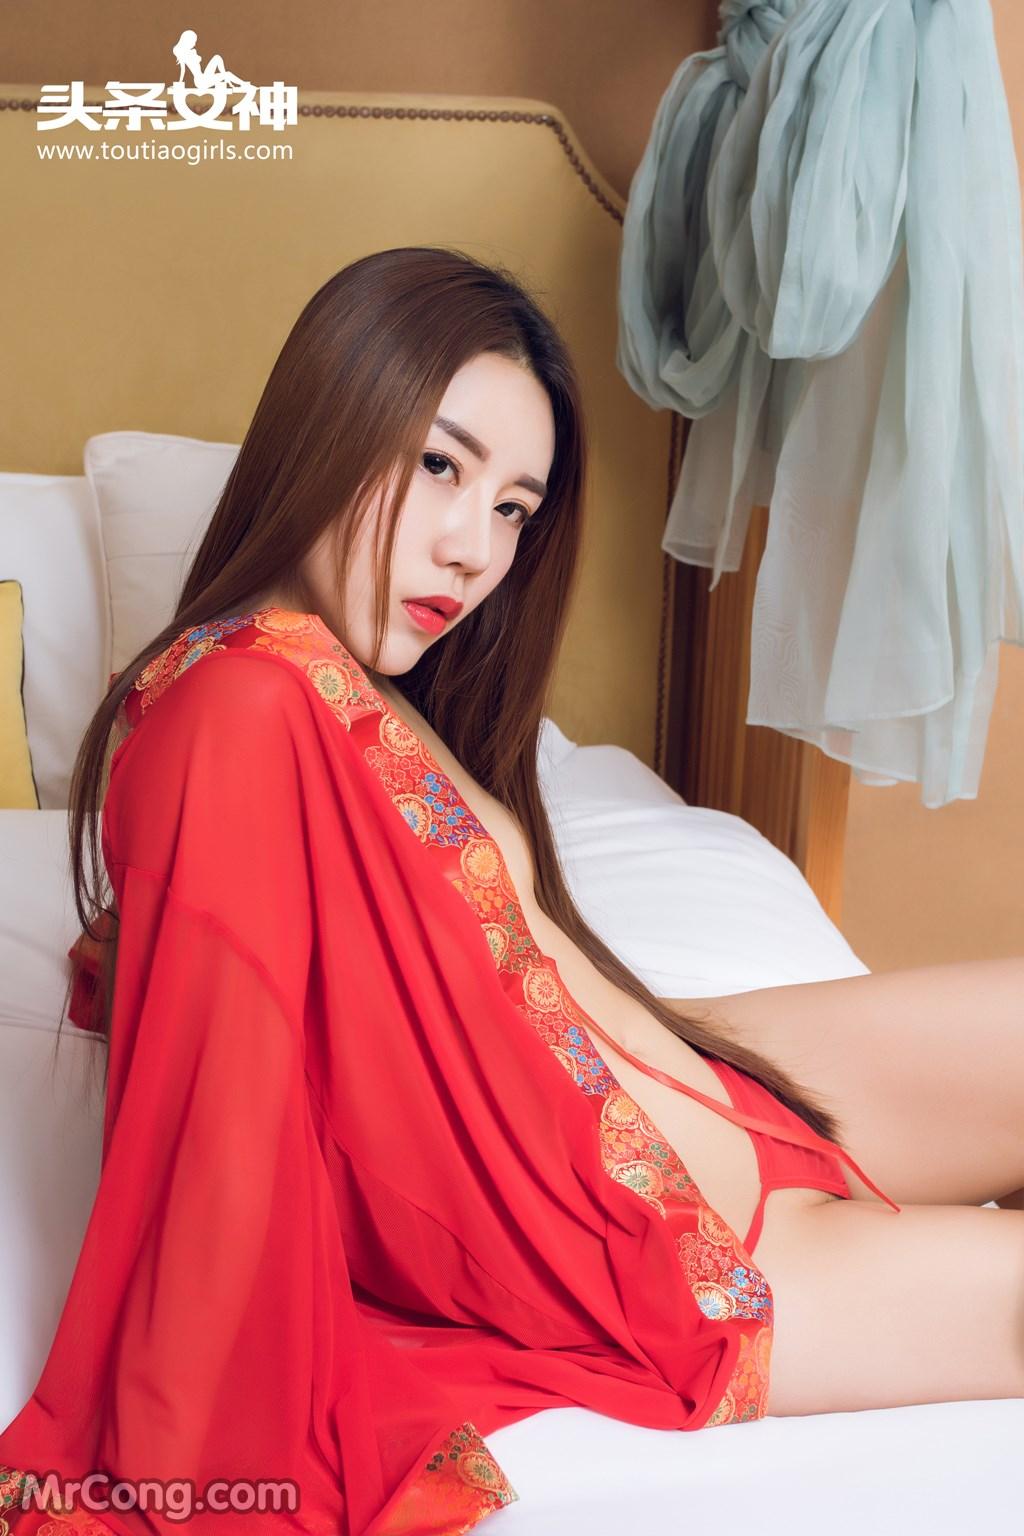 Image MrCong.com-TouTiao-2016-12-16-An-Su-Rui-007 in post TouTiao 2016-12-16: Người mẫu An Su Rui (安苏芮) (27 ảnh)